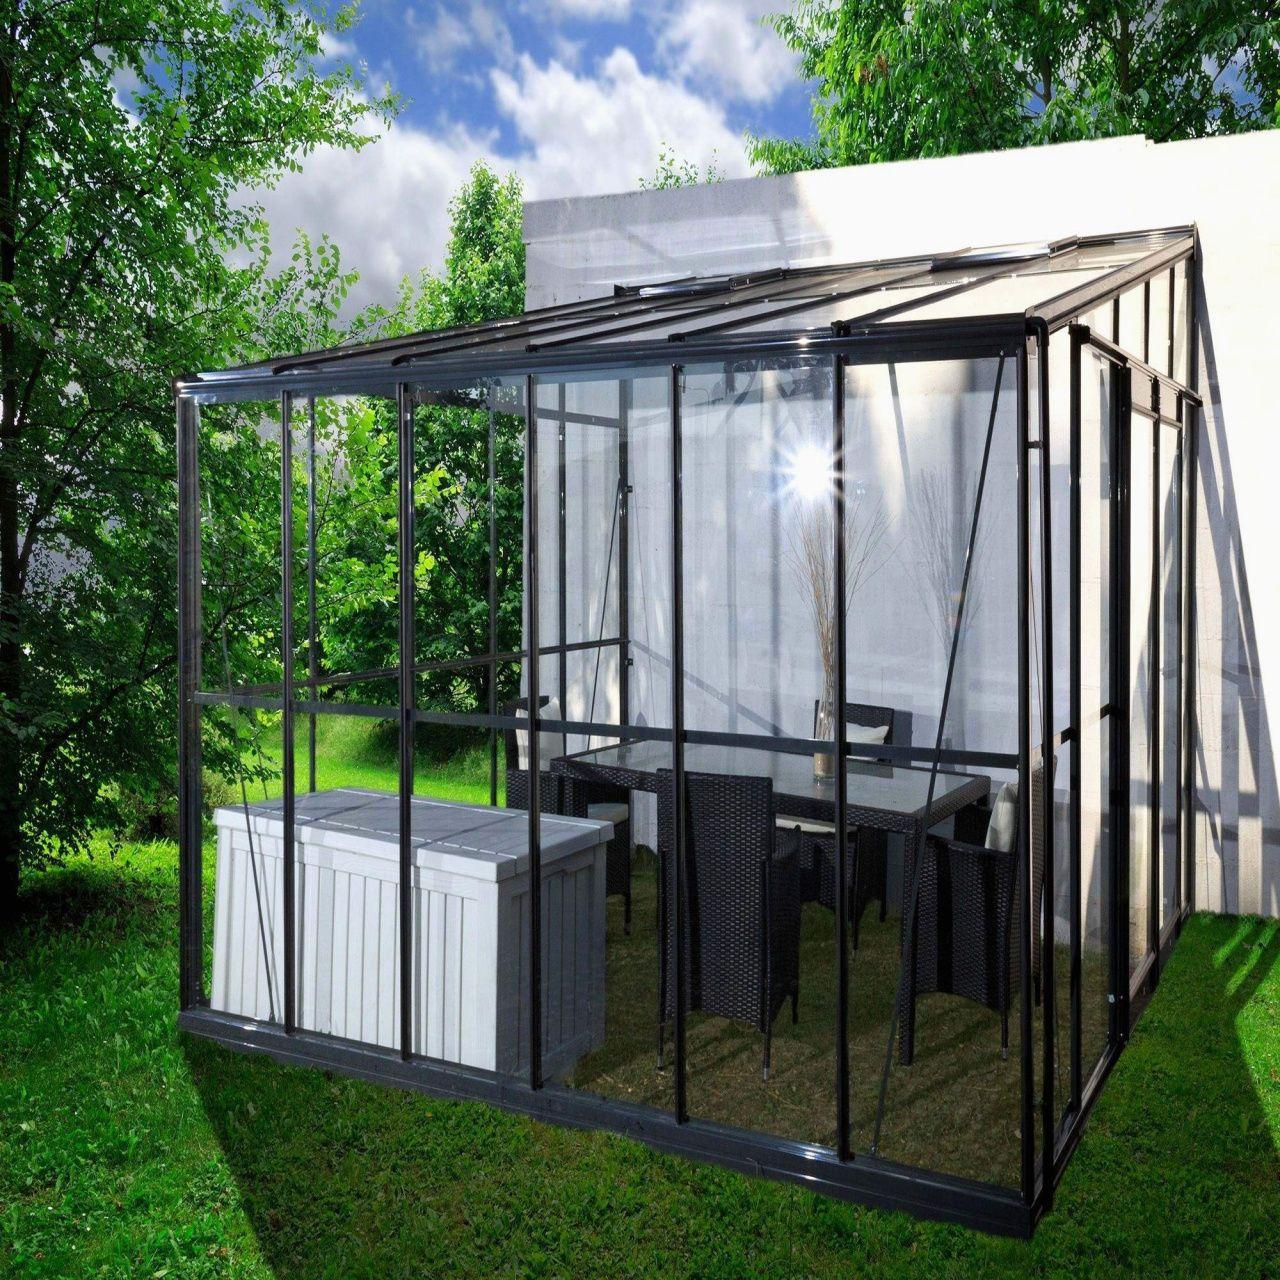 77 Serre De Jardin Leroy Merlin | Indoor Garden, Outdoor, Garden serapportantà Serre De Jardin Leroy Merlin